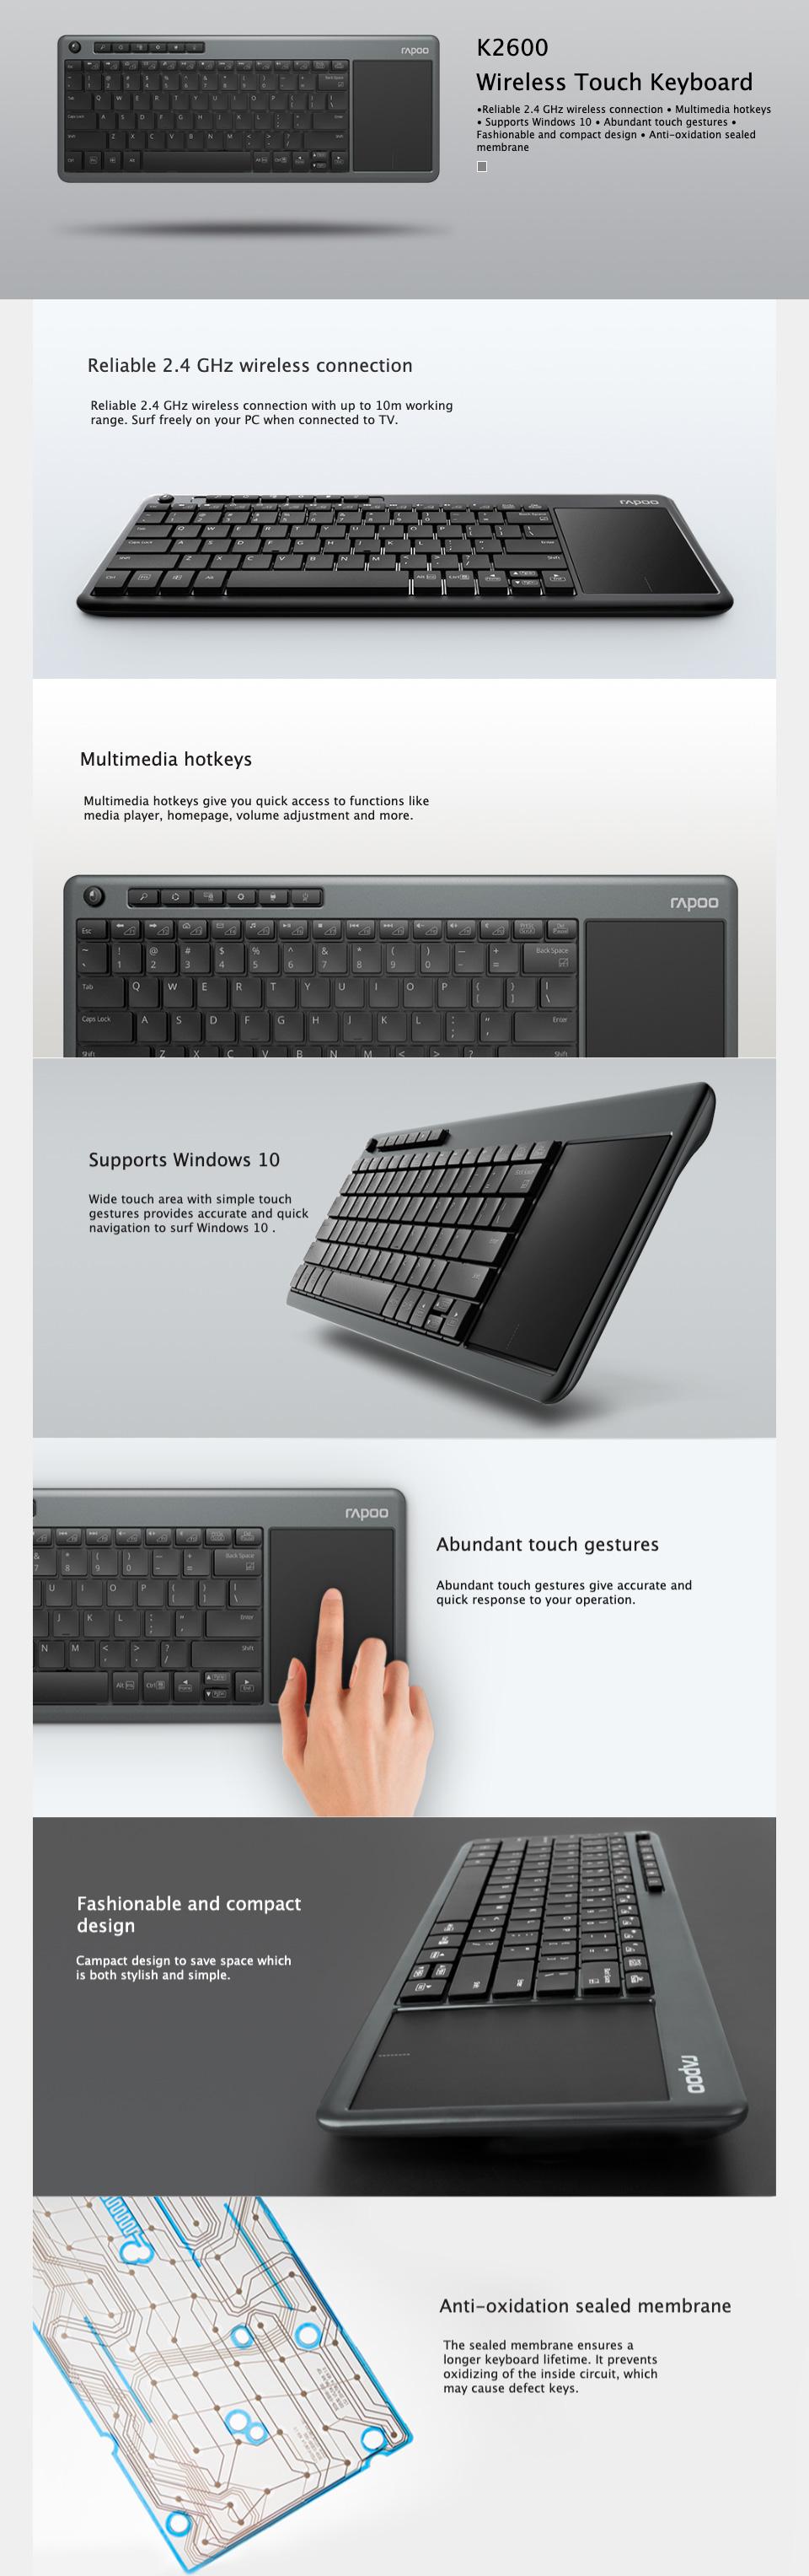 Rapoo K2600 Wireless Multimedia Touchpad Keyboard features